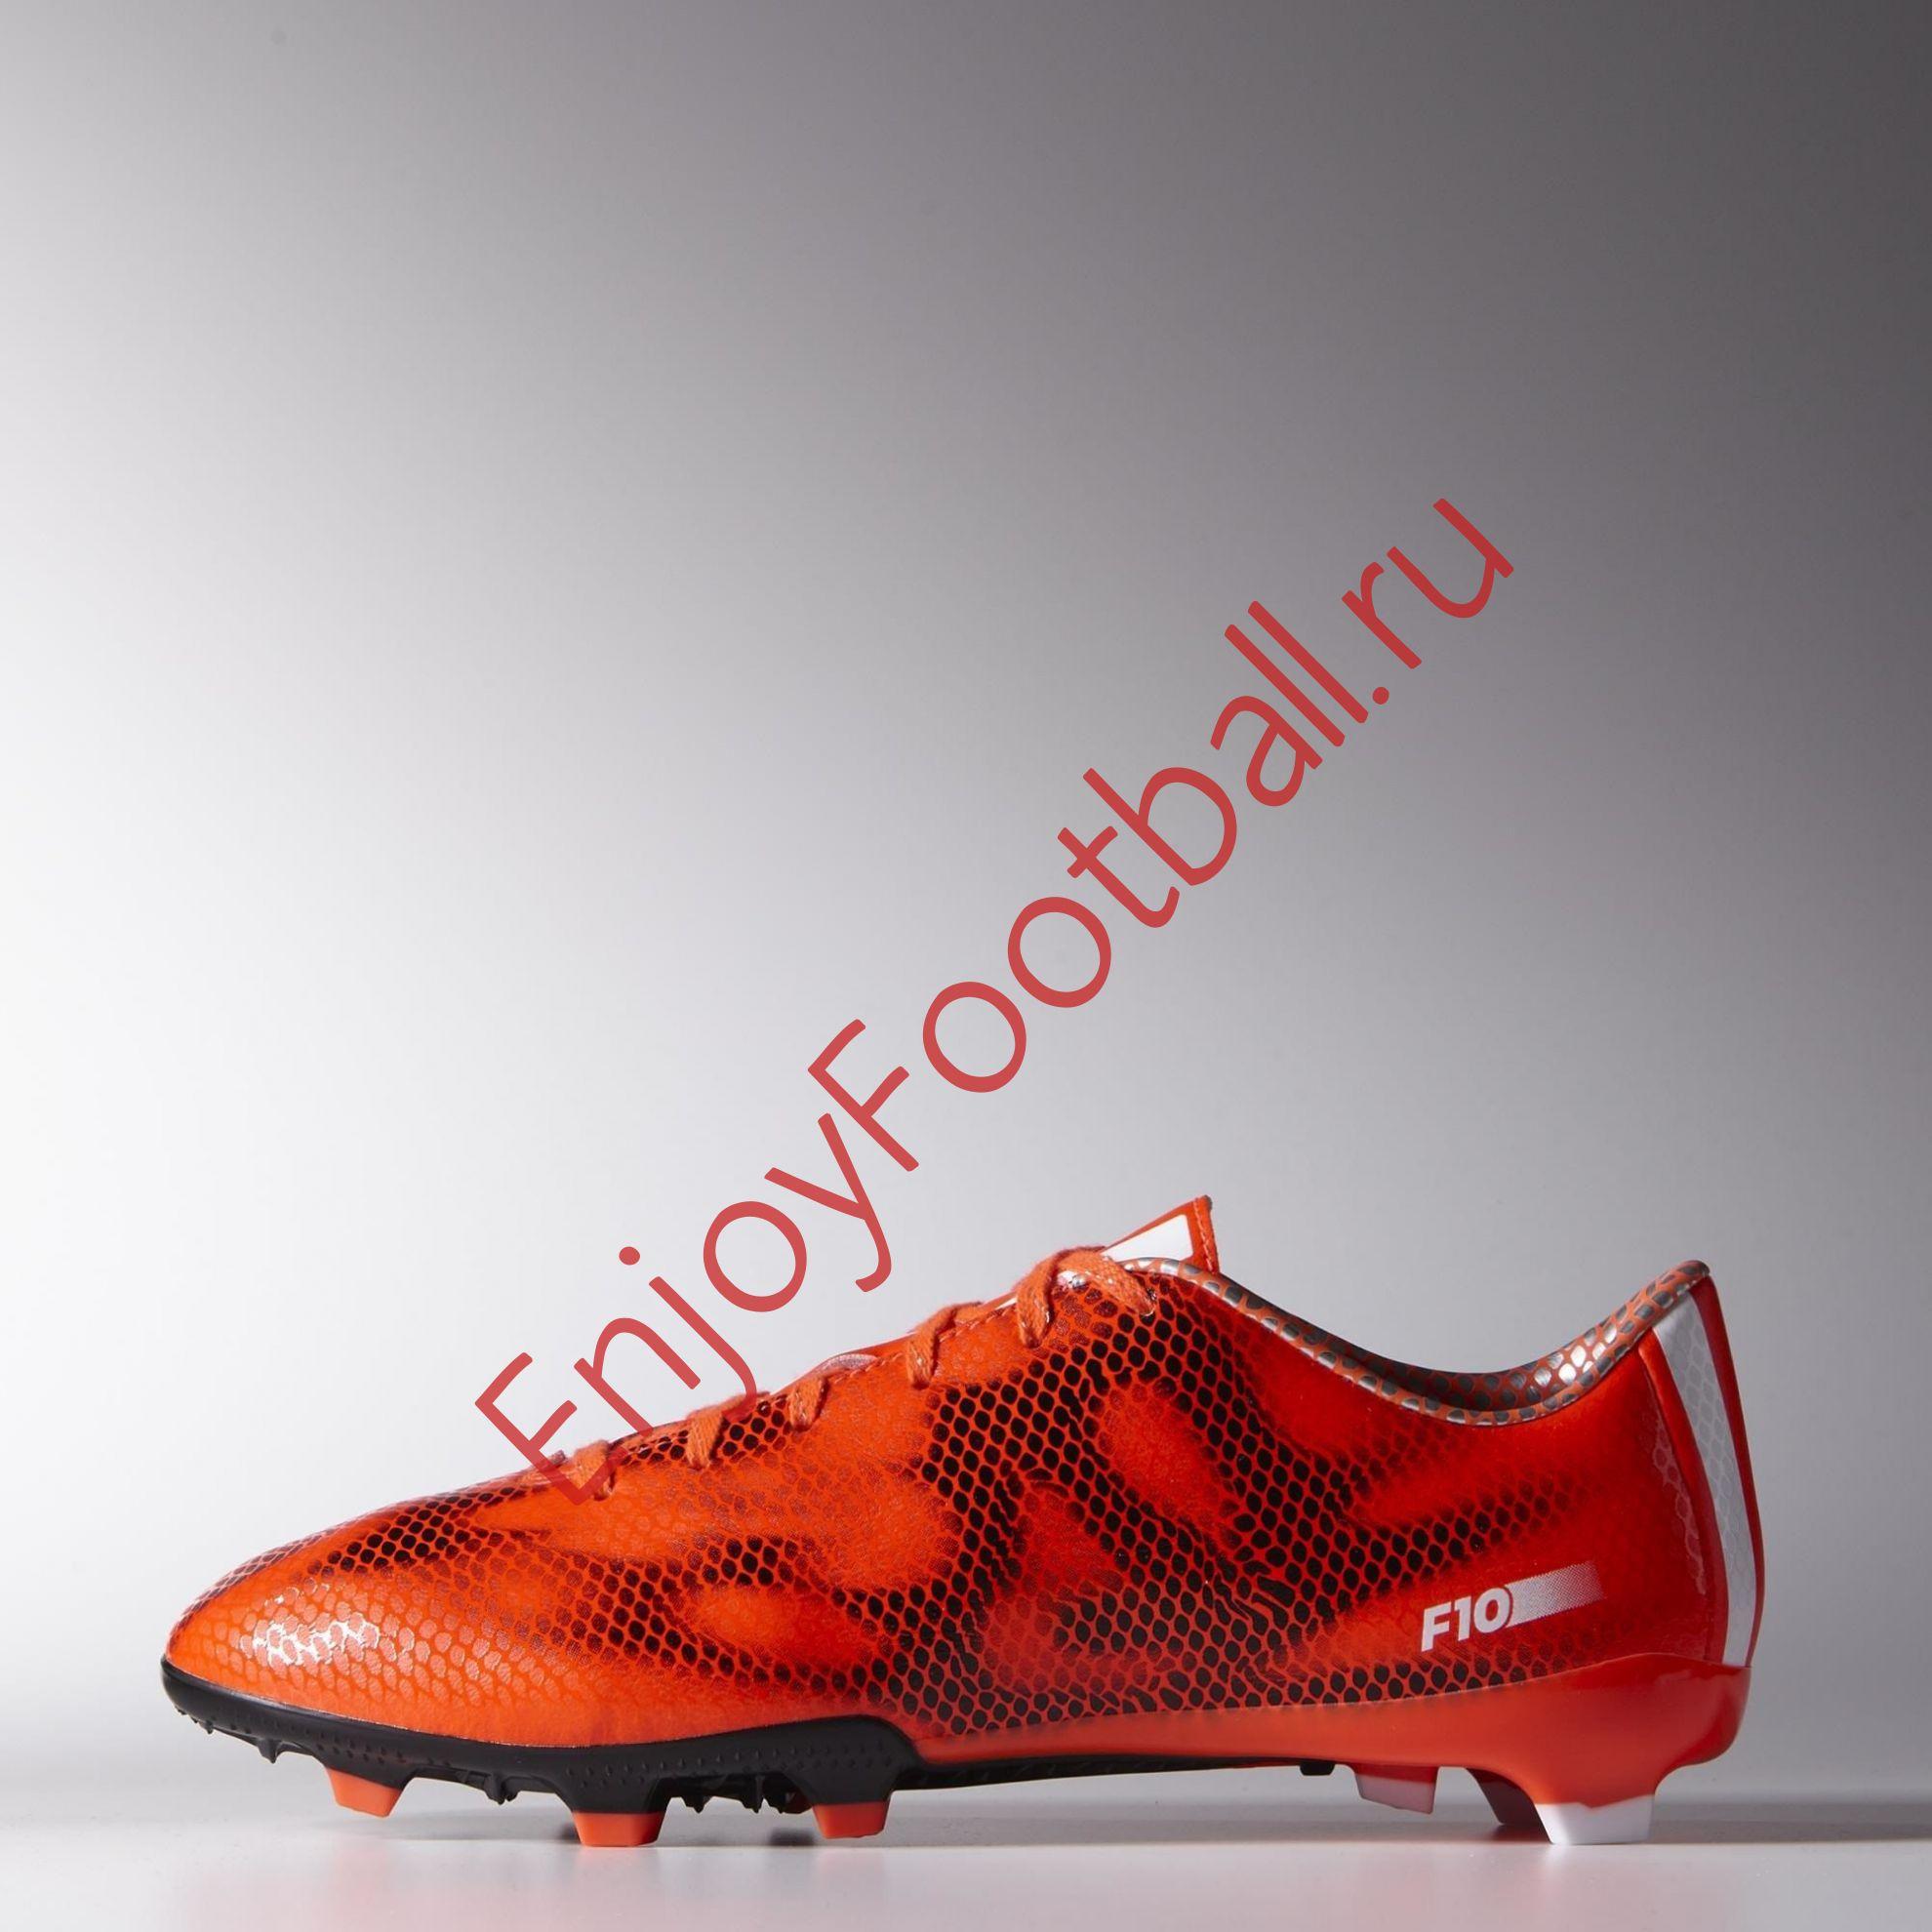 Бутсы ADIDAS F10 FG B34859 купить в интернет-магазине EnjoyFootball ... 13d0ca22c1108